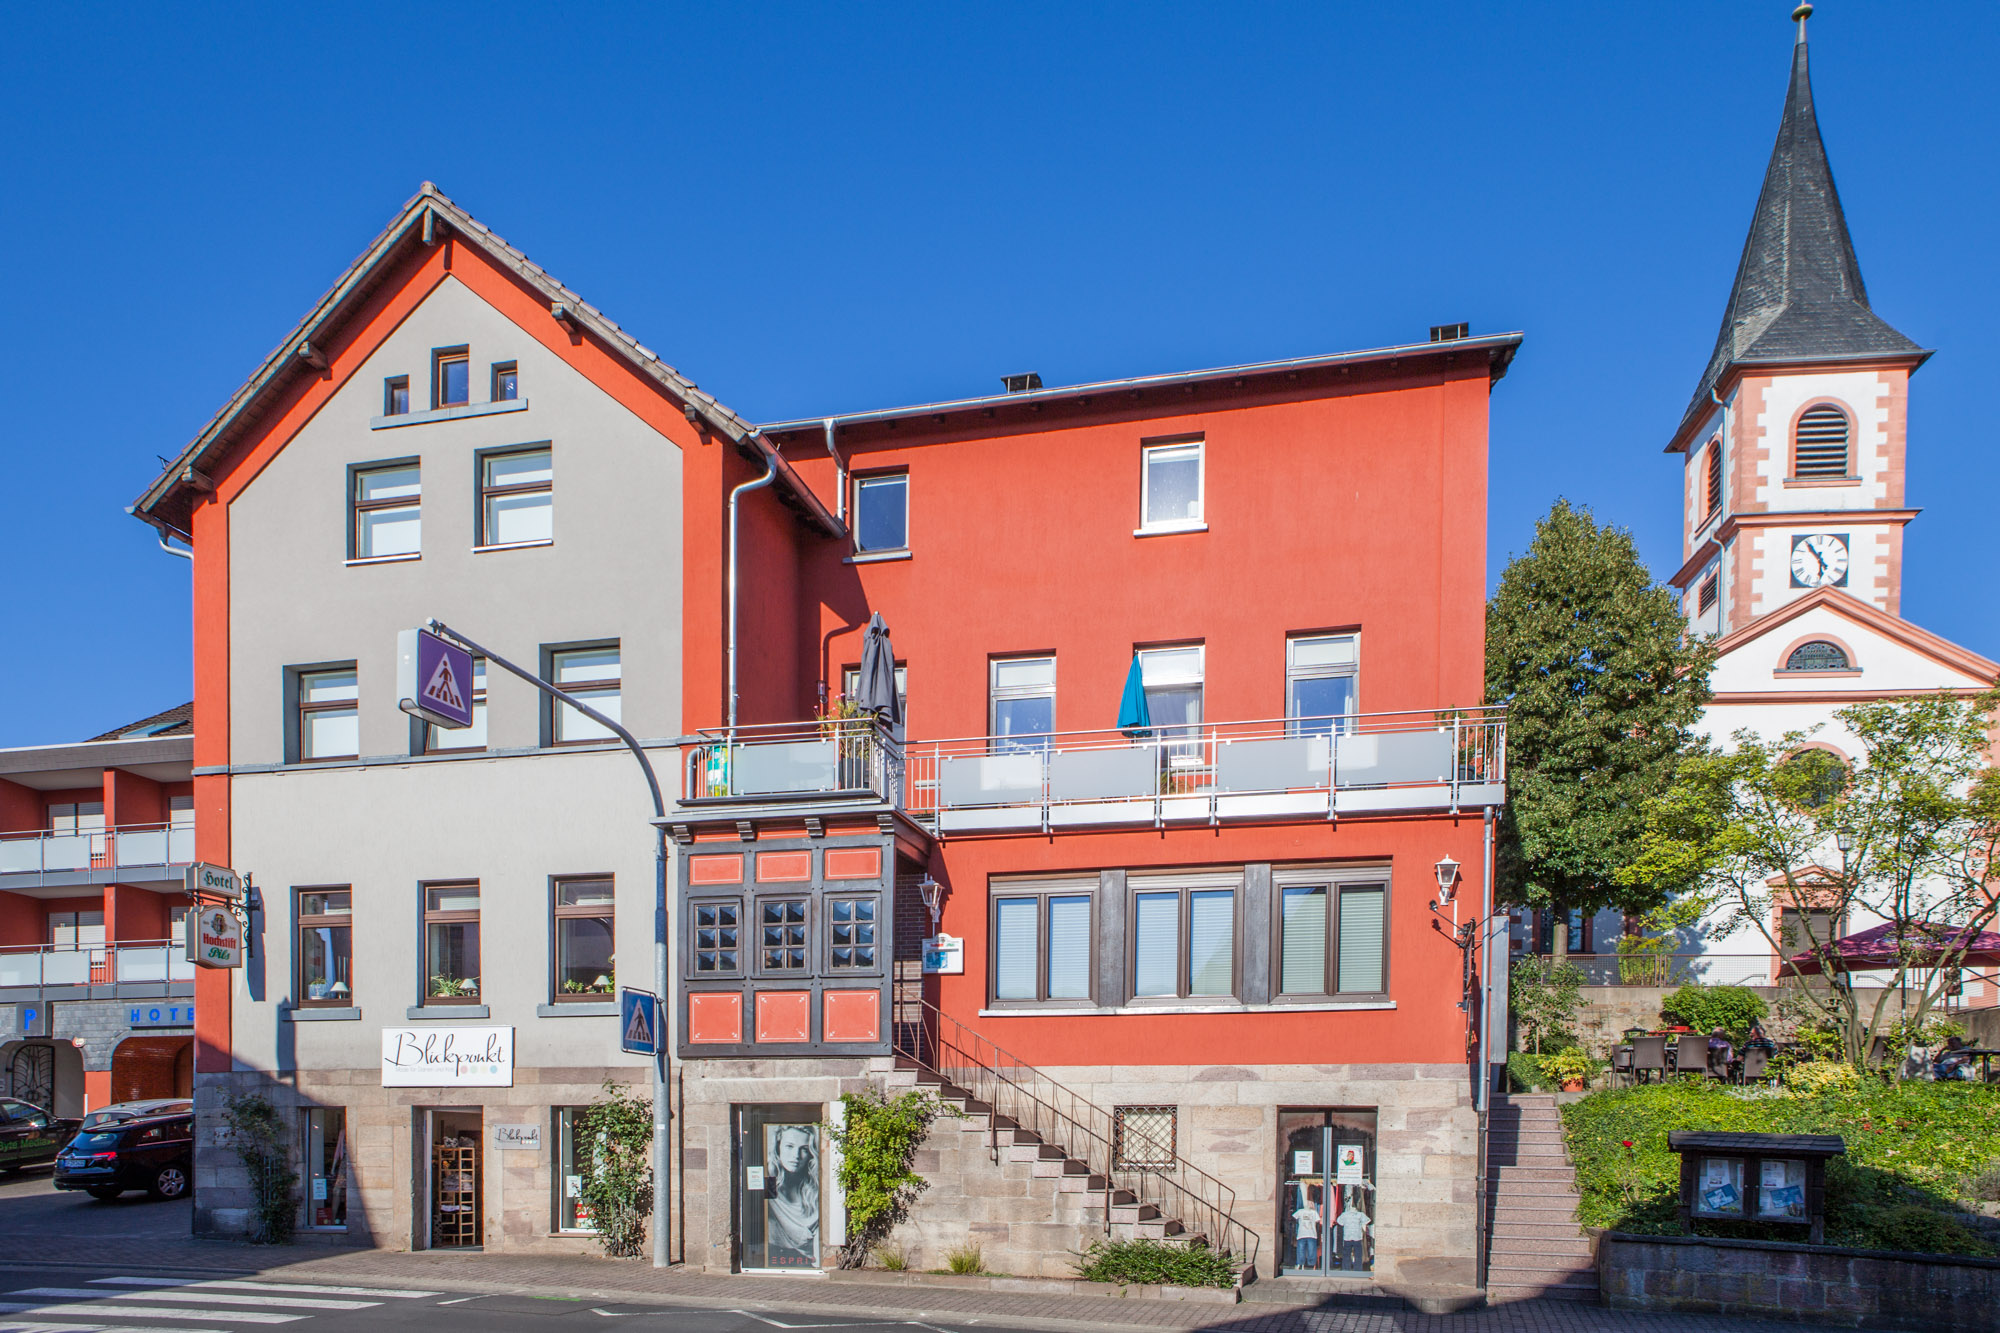 hotel-eichenzell-landgasthog-kramer-fulda-01 Faszinierend 7 Welten Fulda Bewertung Dekorationen